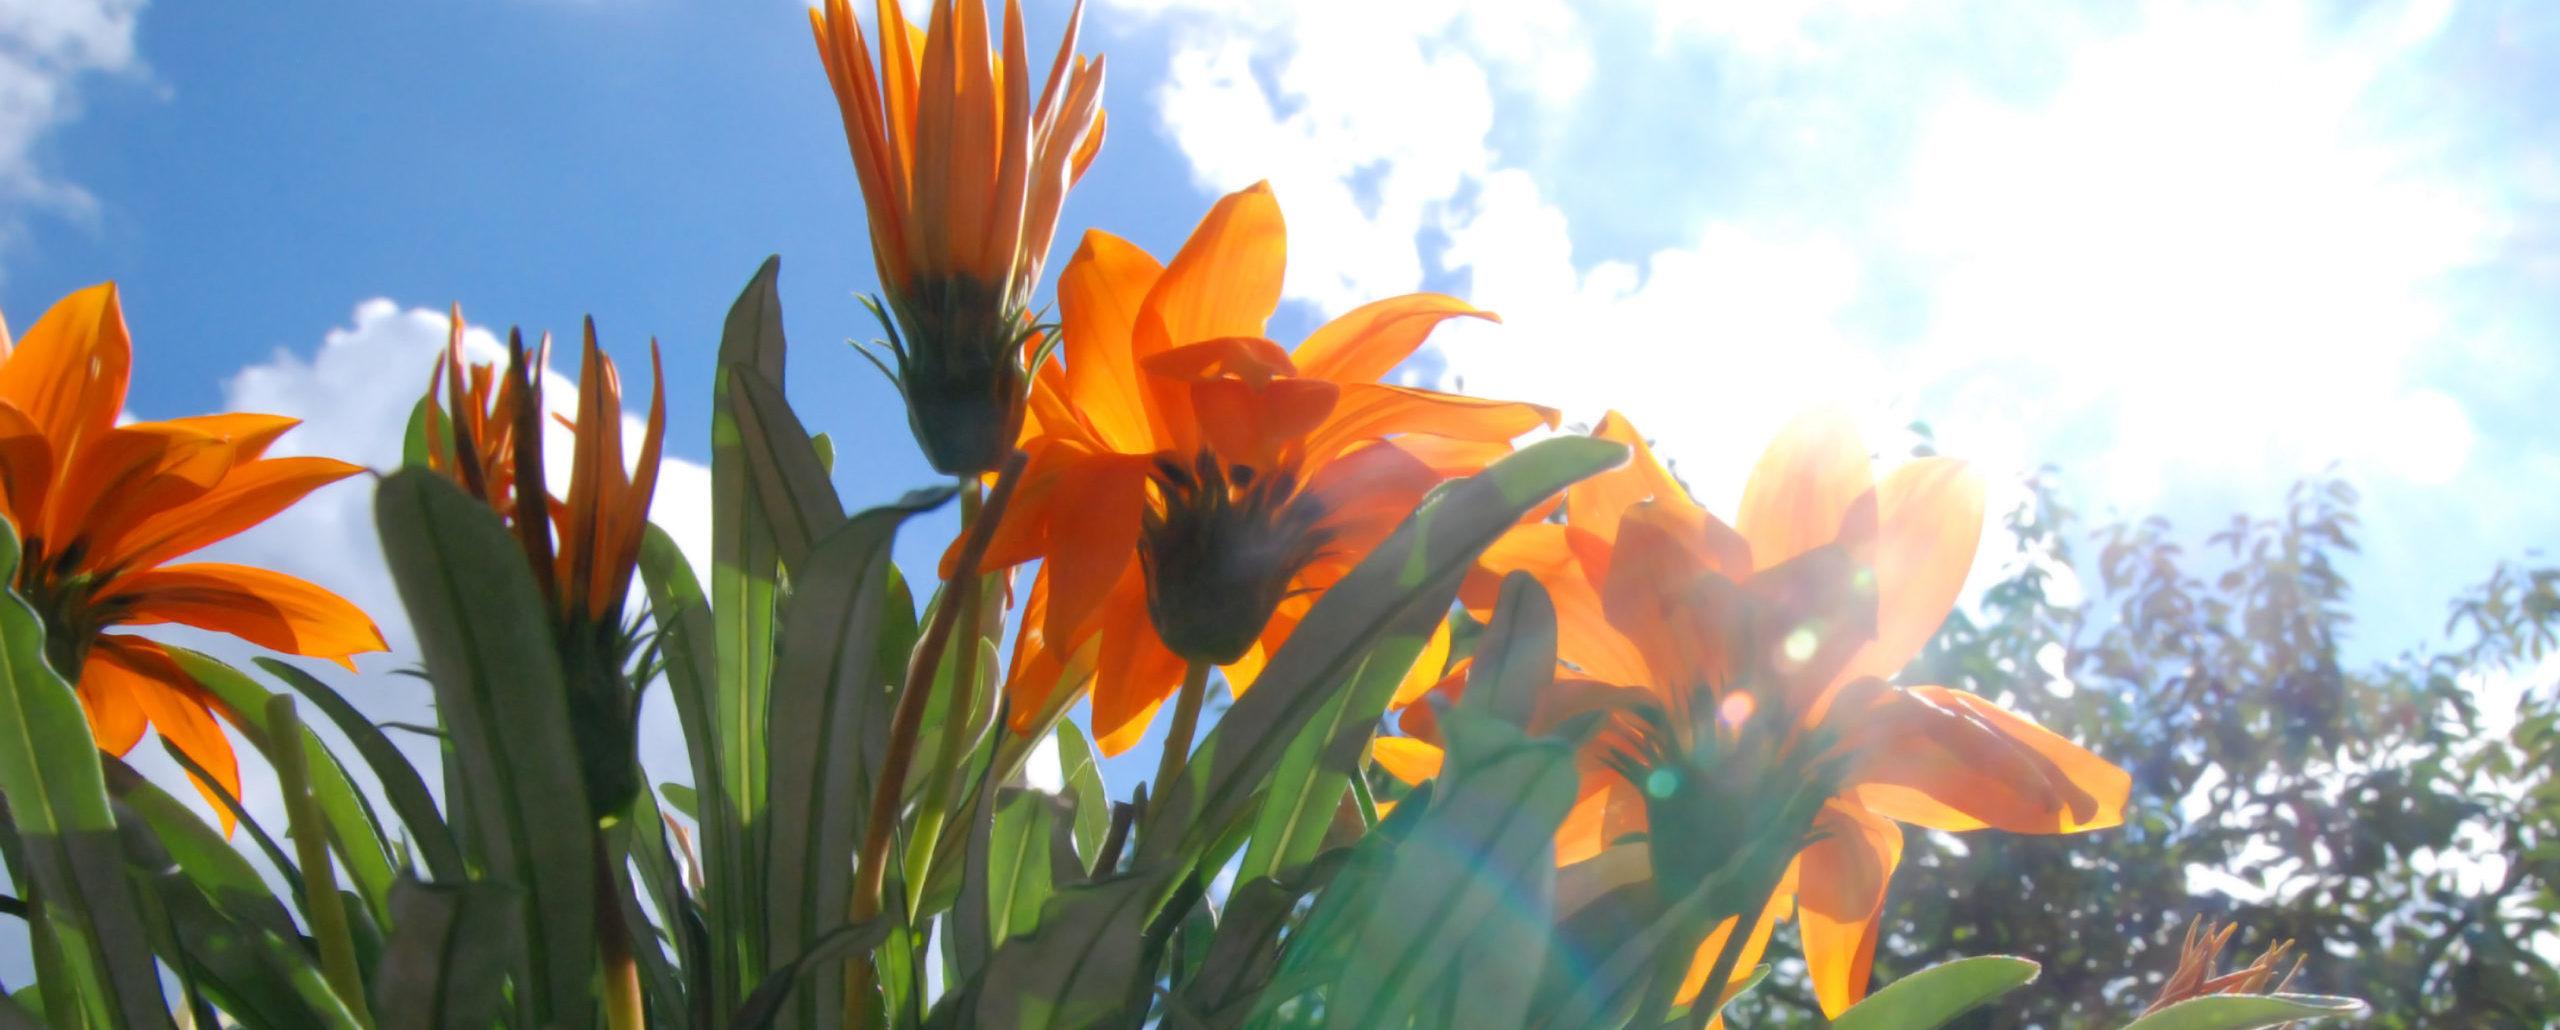 Blumen im Gegenlicht